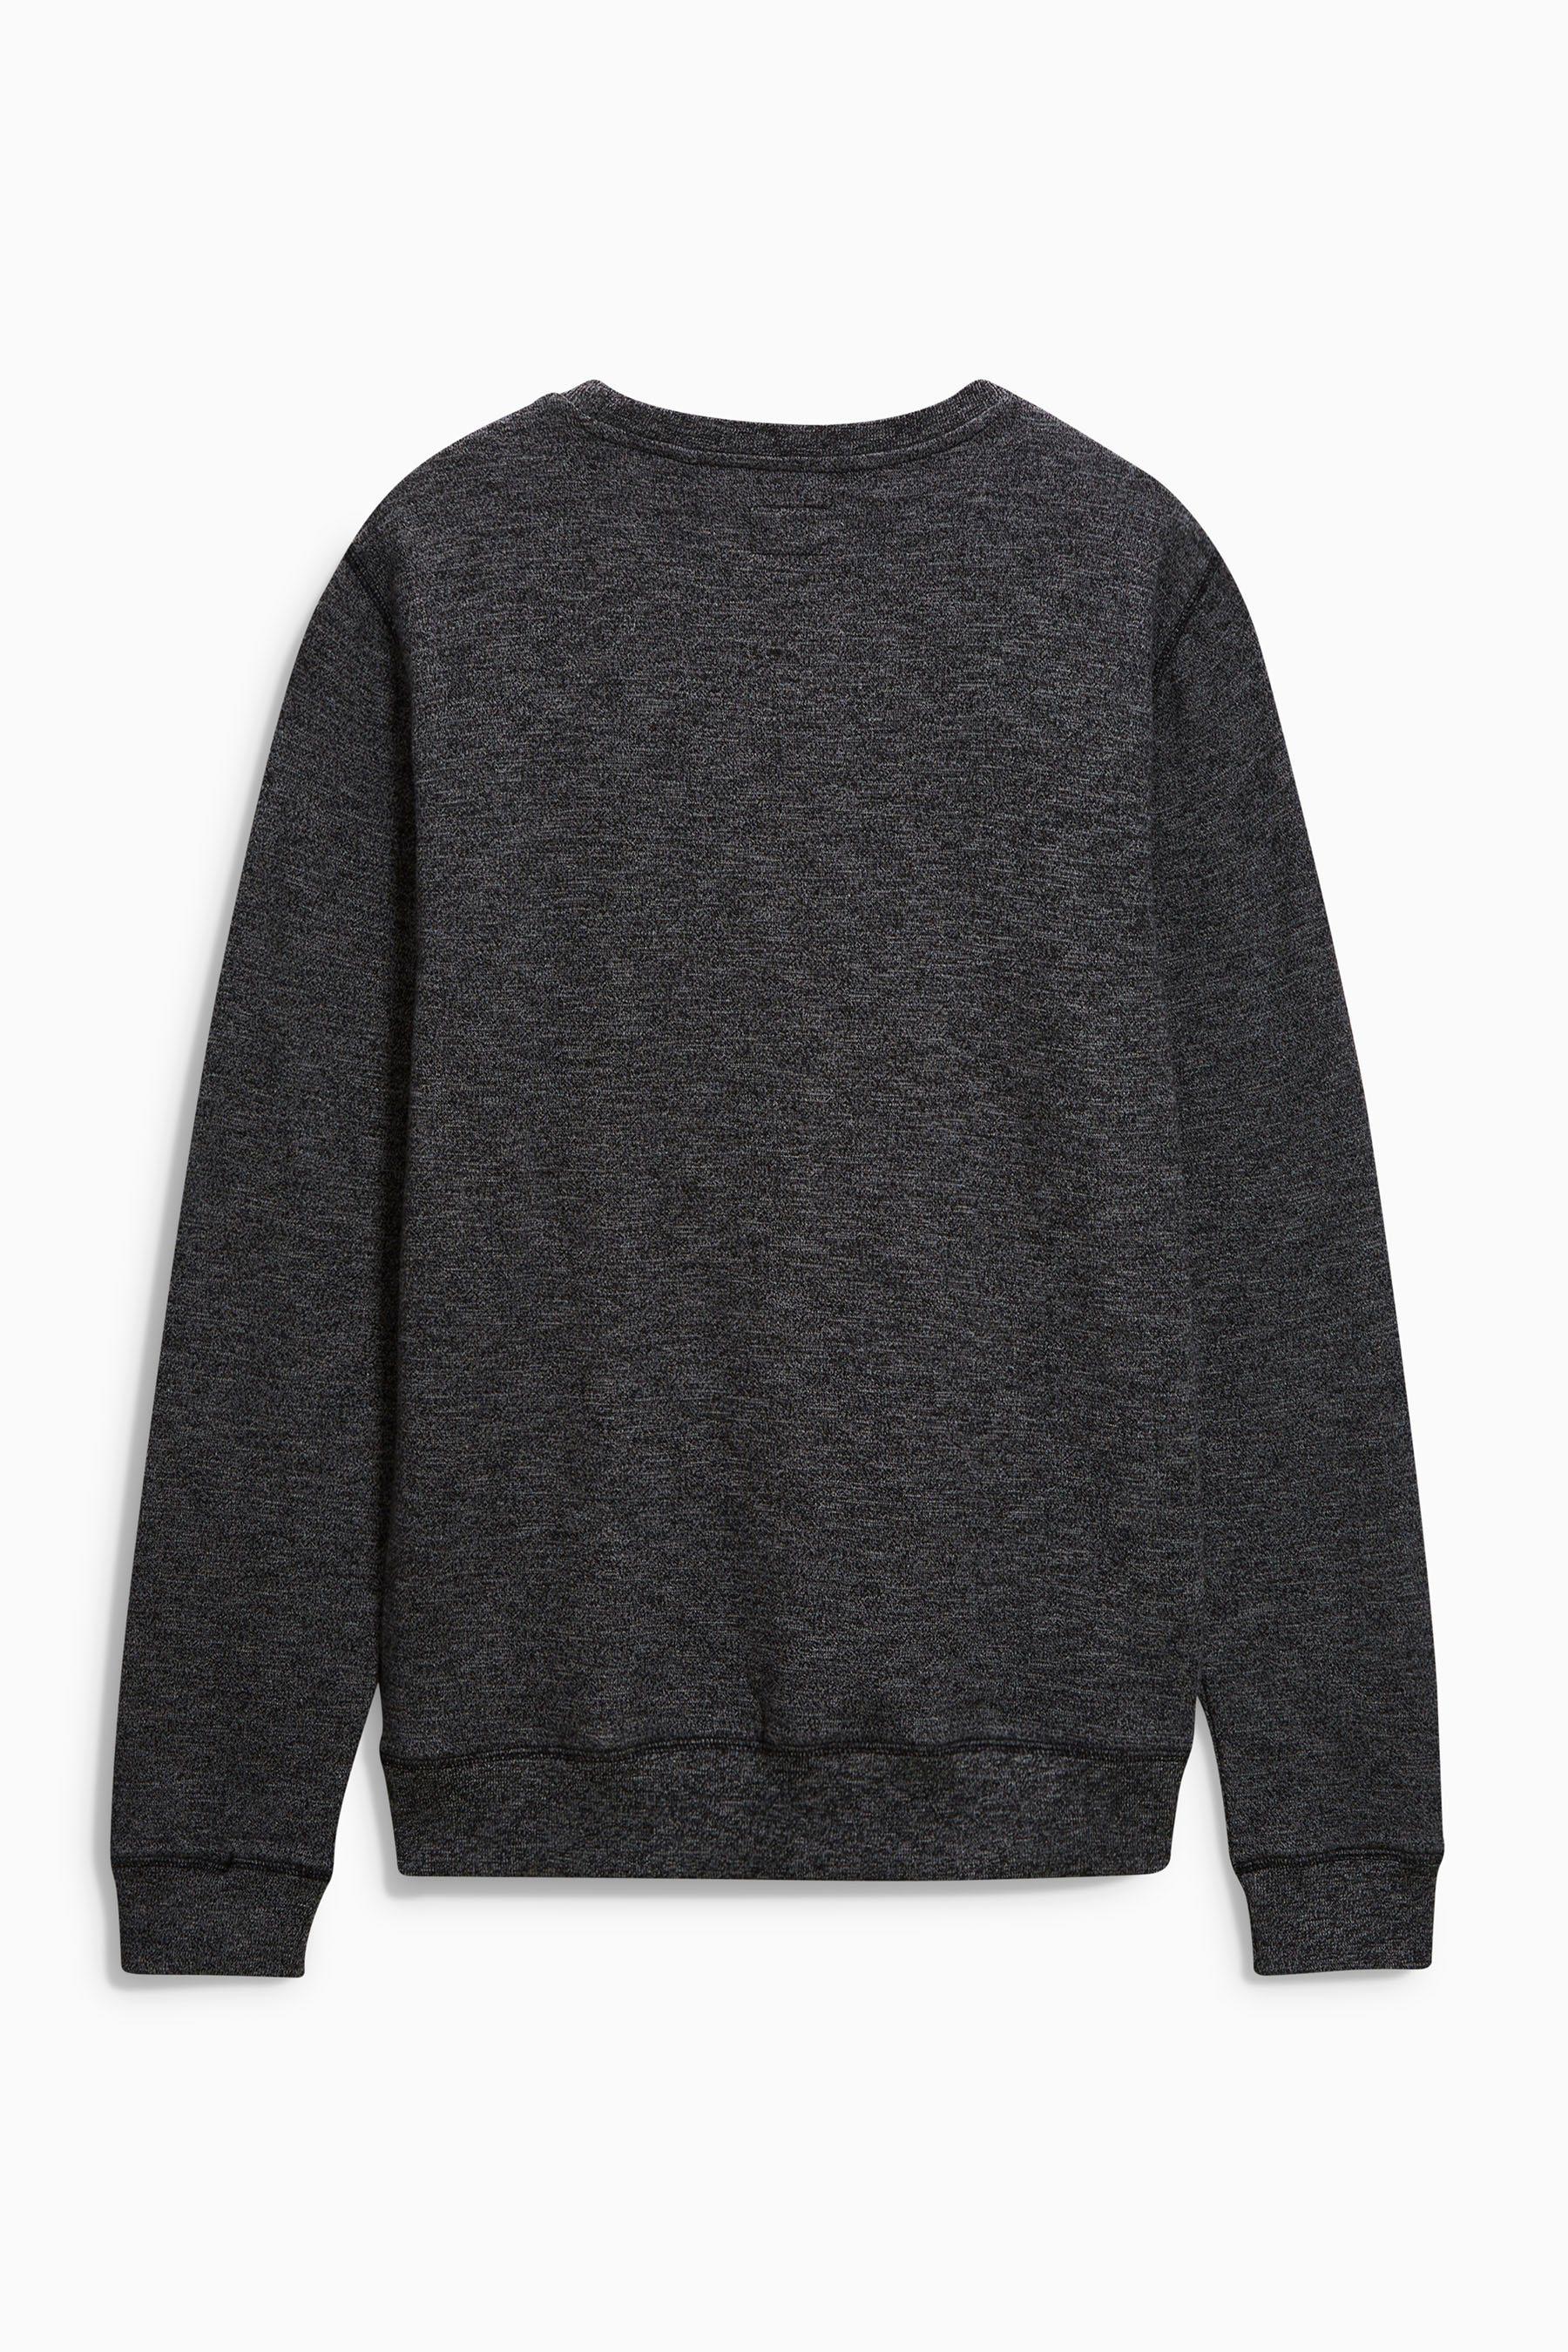 Next Sweatshirt mit Rundhalsausschnitt